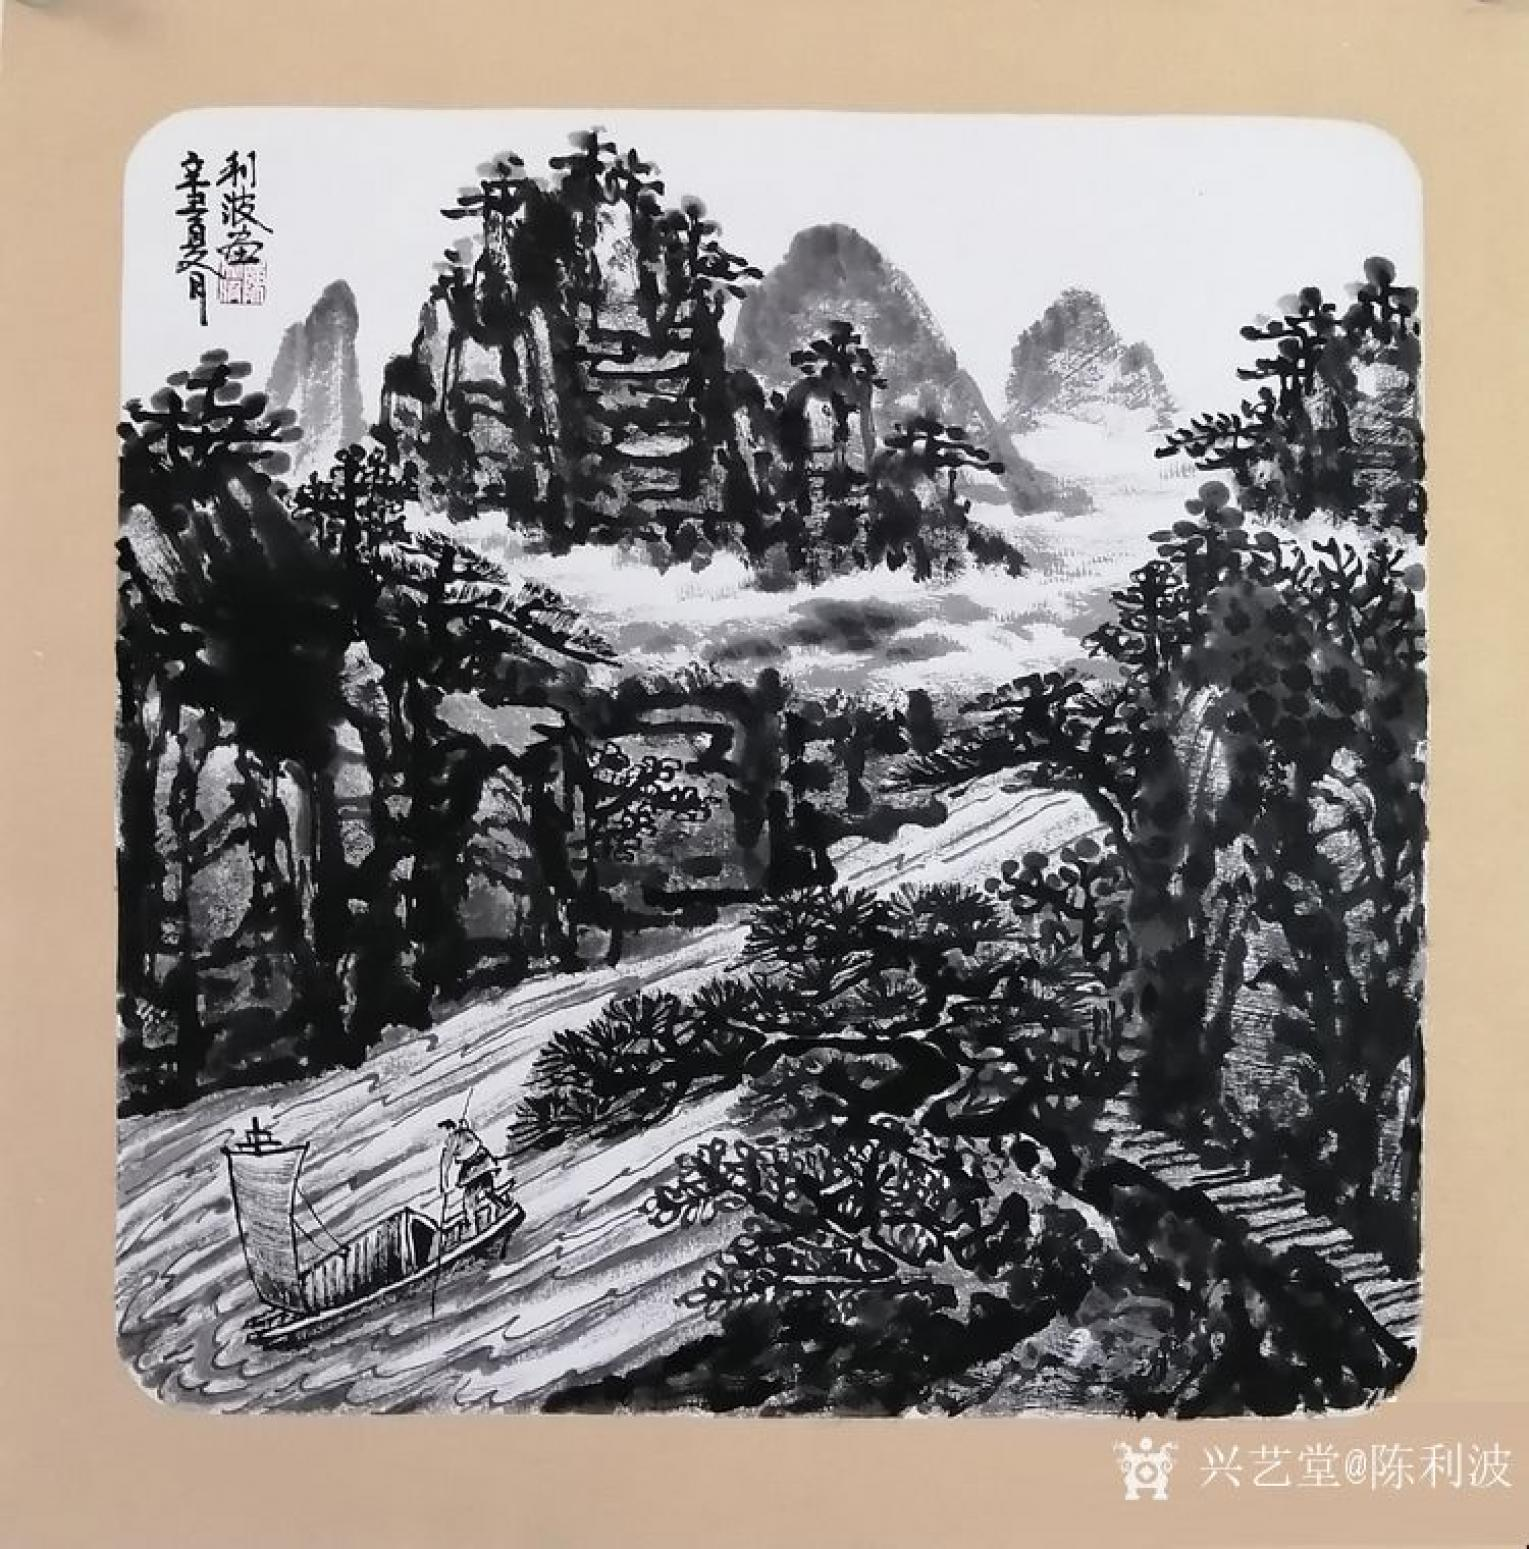 陈利波国画作品《山水画小品1》